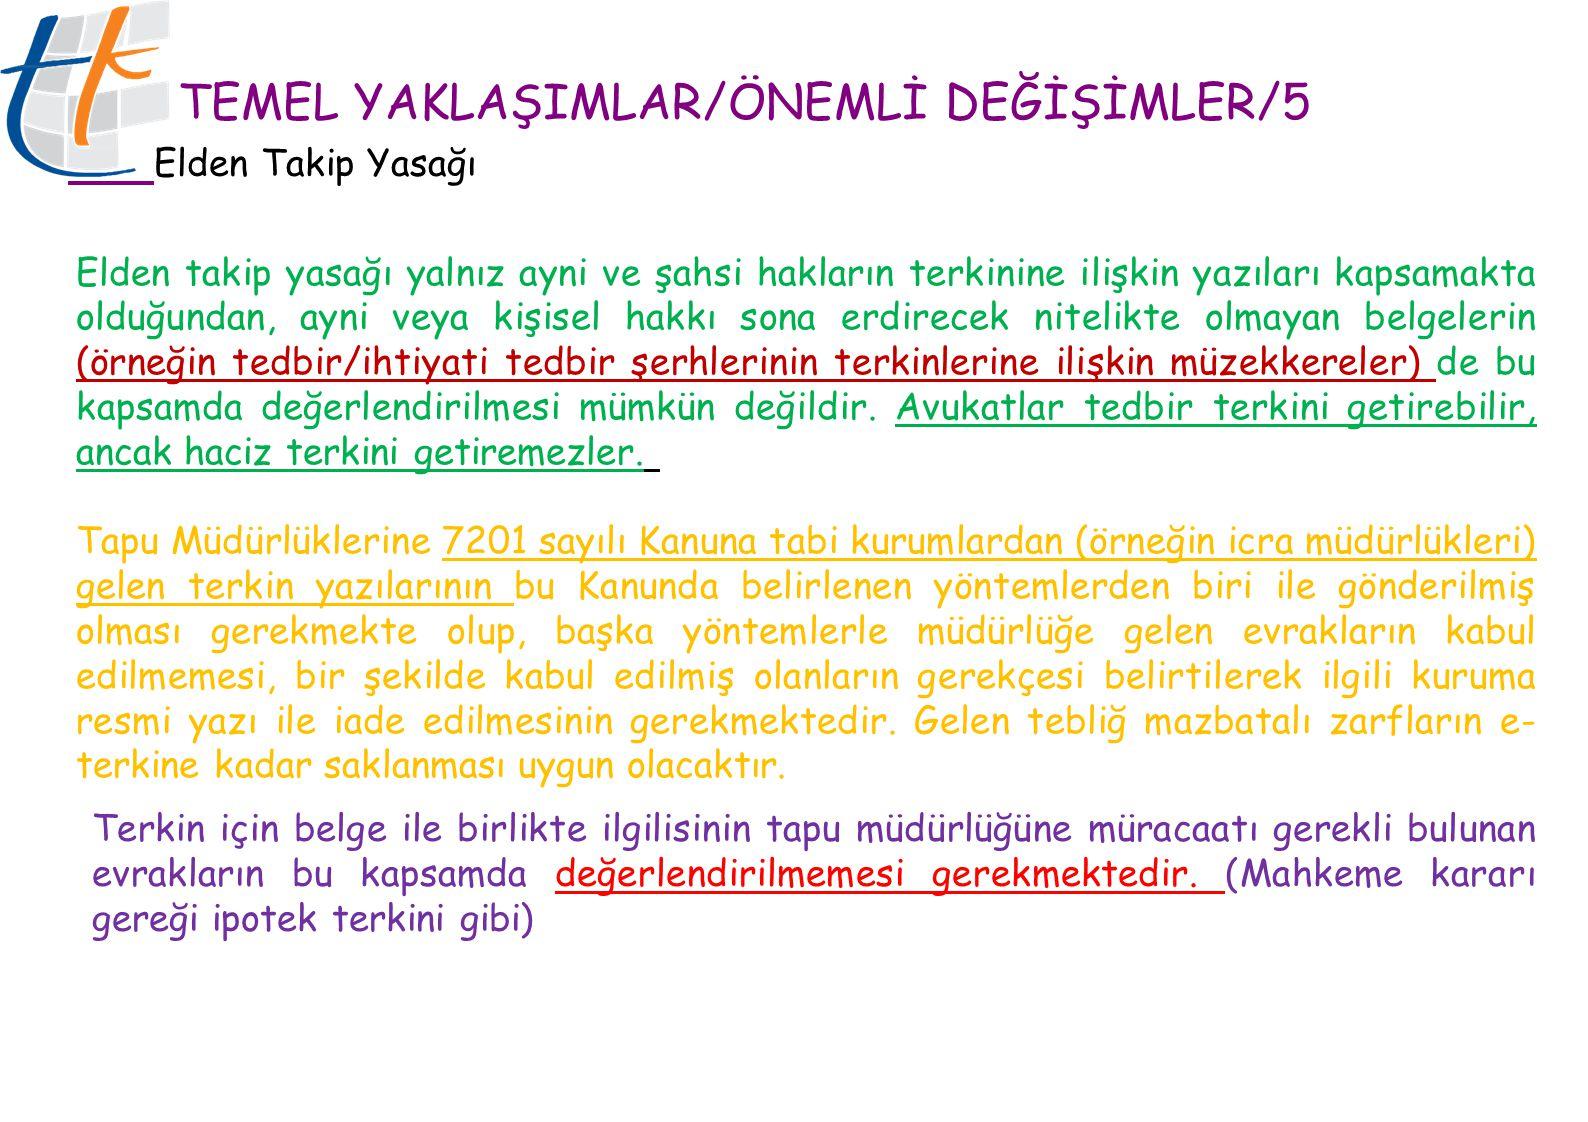 TEMEL YAKLAŞIMLAR/ÖNEMLİ DEĞİŞİMLER/5 Elden Takip Yasağı Elden takip yasağı yalnız ayni ve şahsi hakların terkinine ilişkin yazıları kapsamakta olduğu